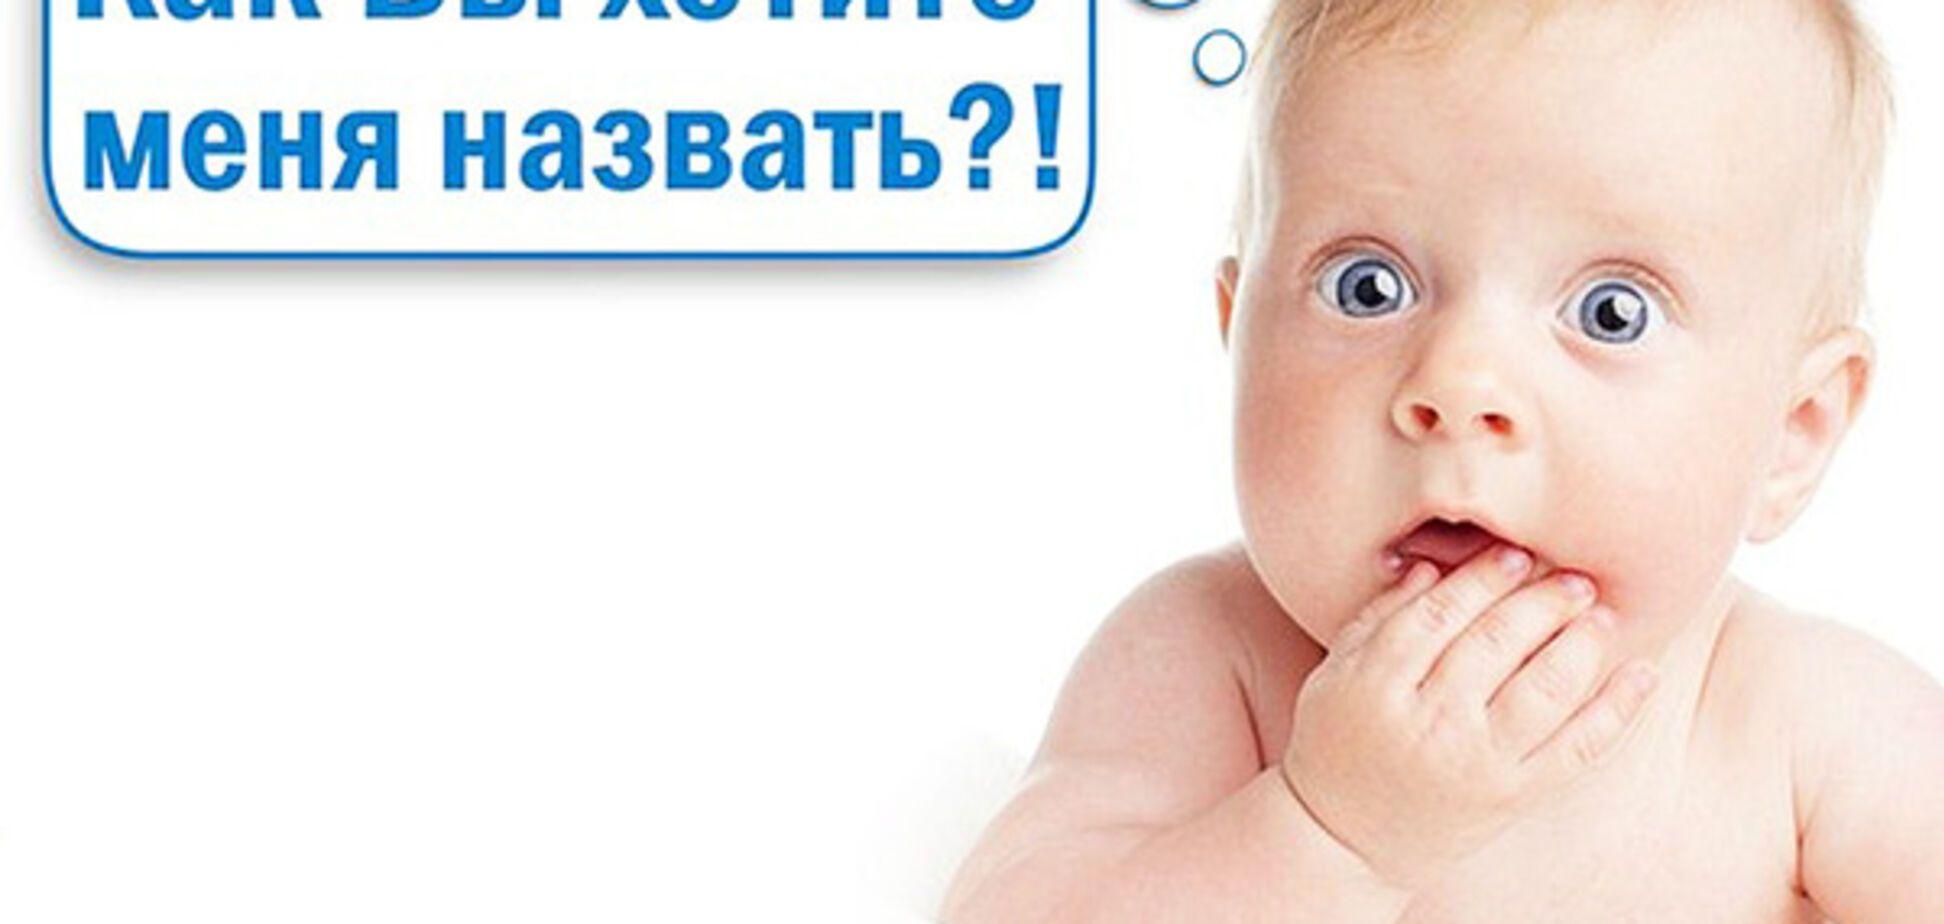 'В космос полетел обычный Юра': российские юмористы посмеялись над выбором детских имен